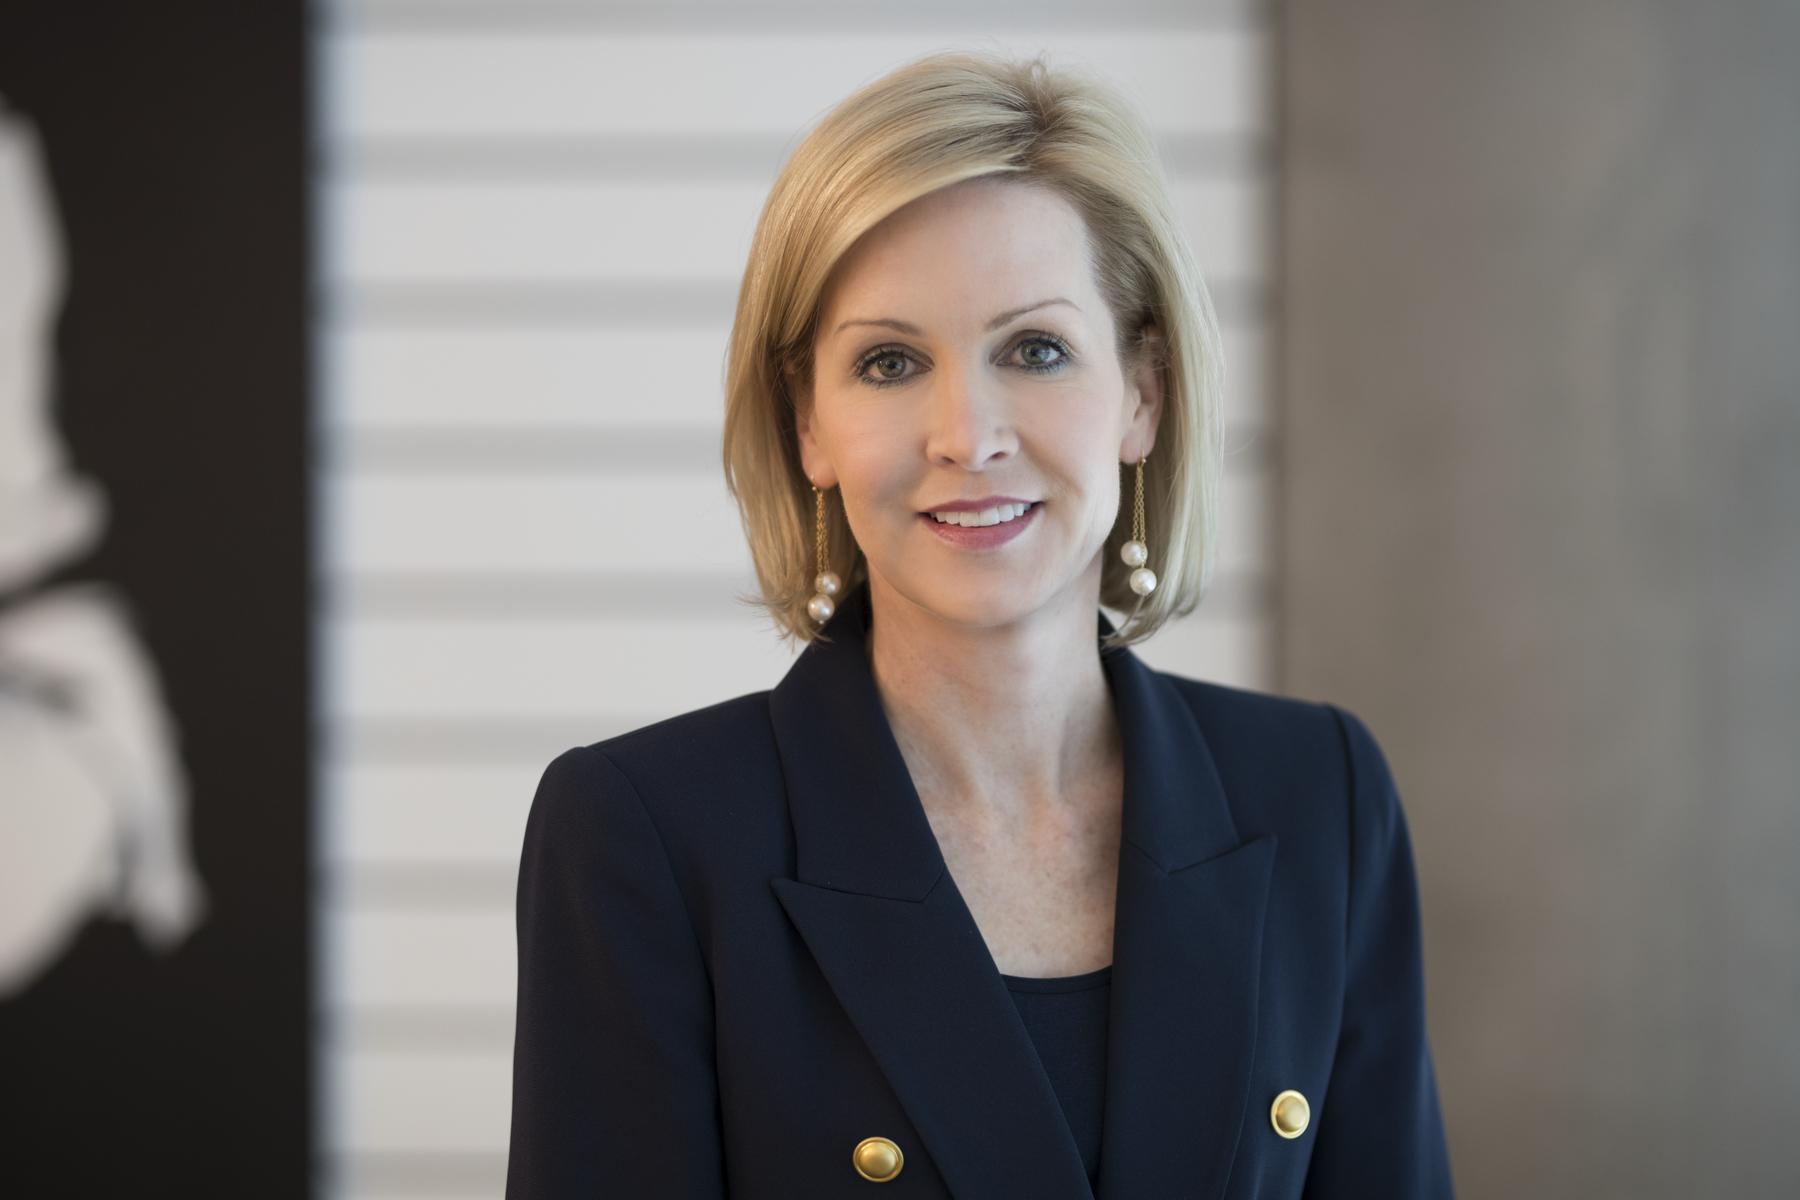 Bà Jodi West - Tổng giám đốc ANZ